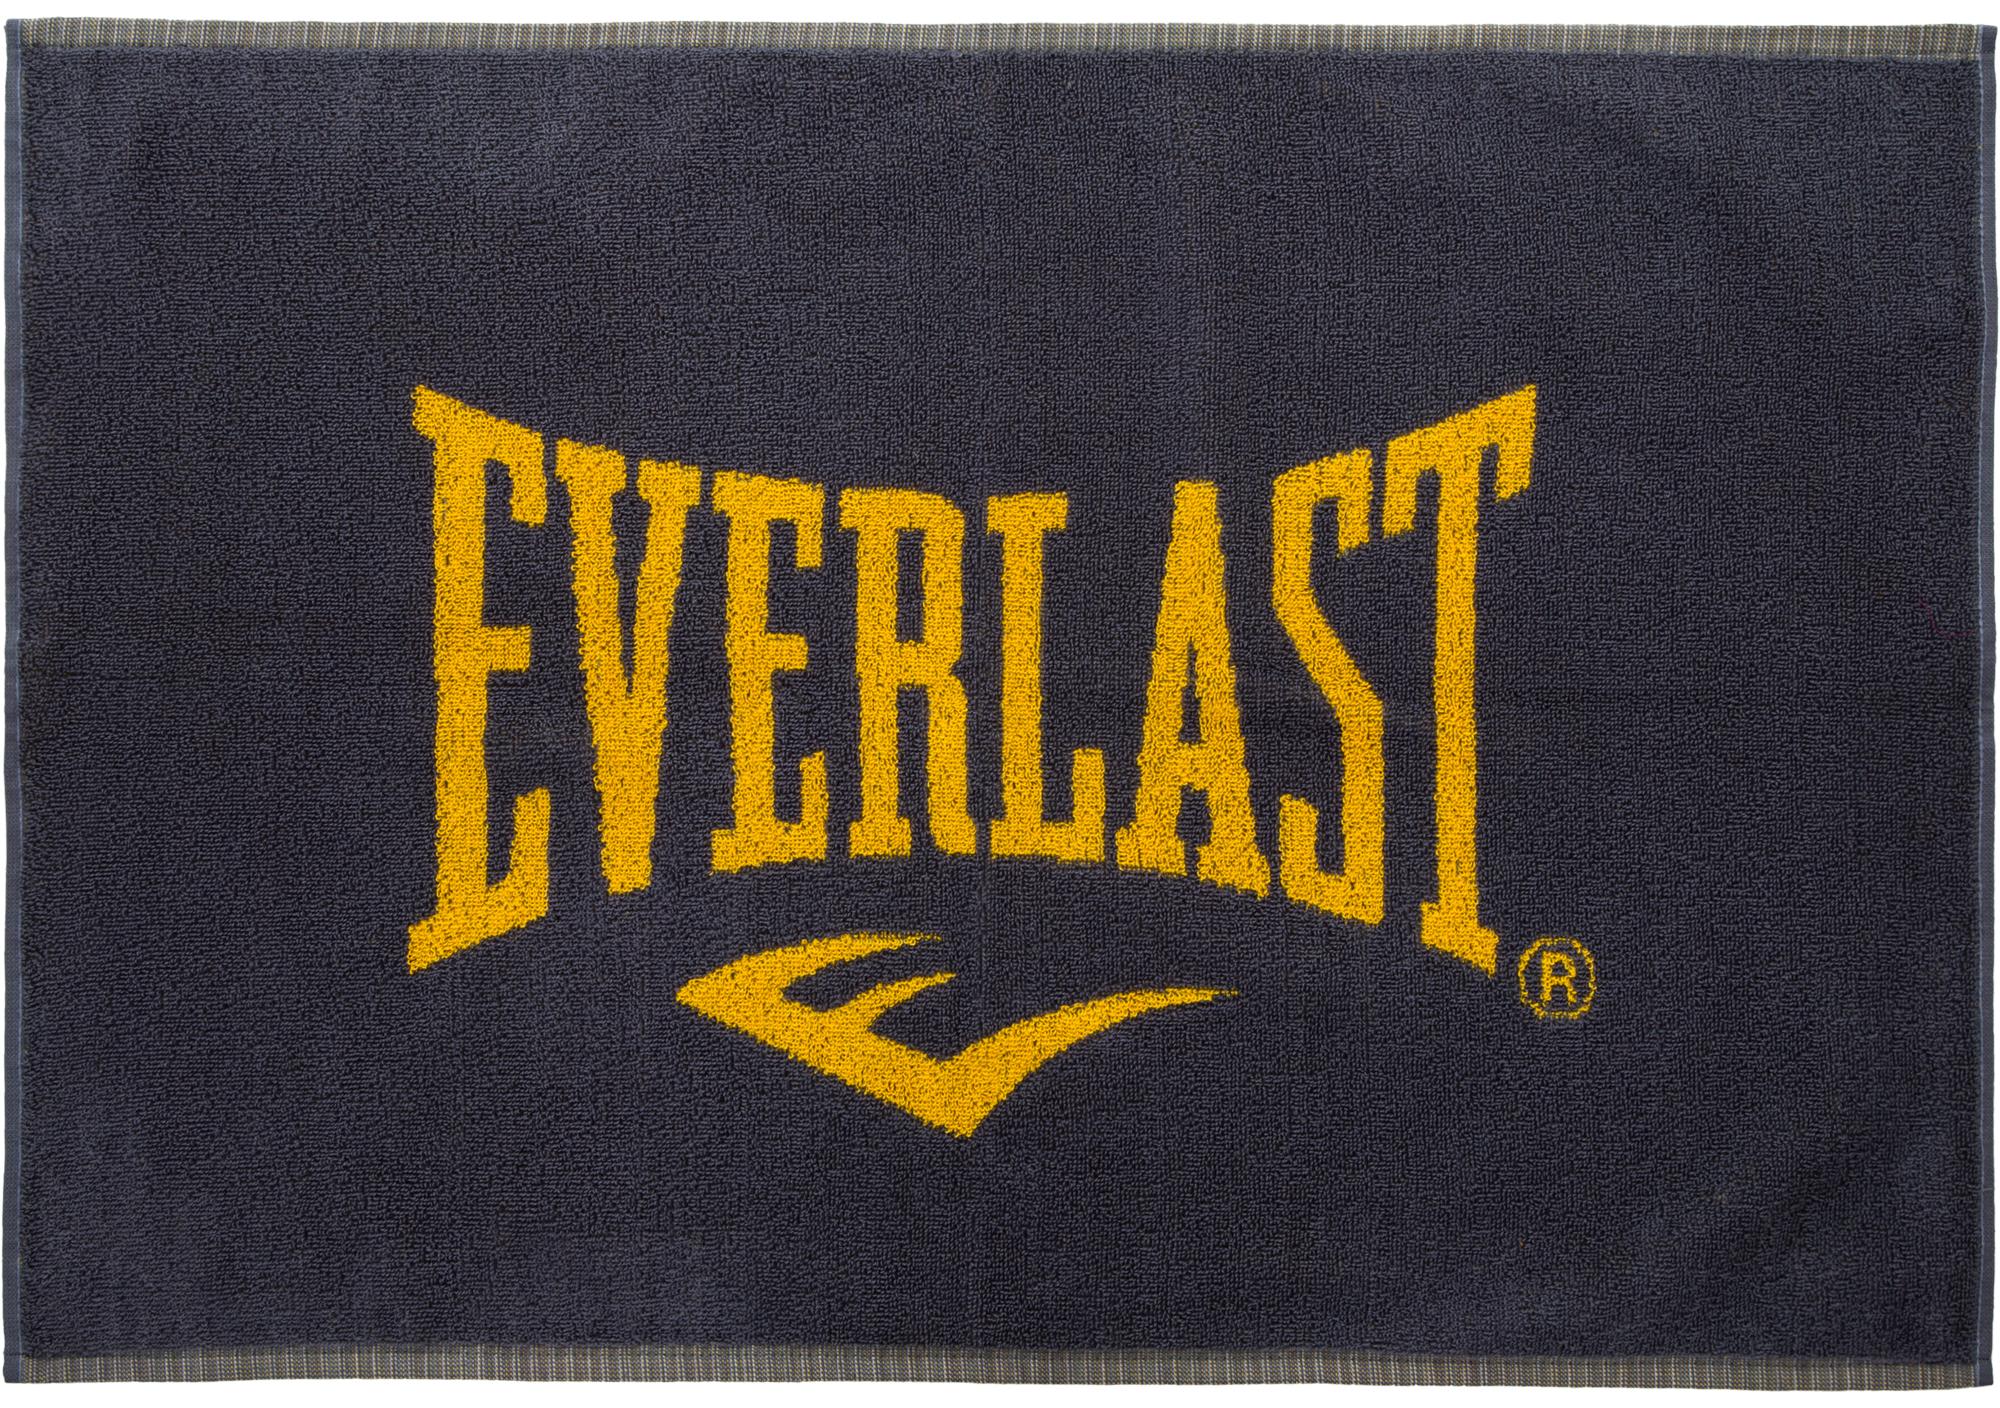 Everlast Полотенце махровое Everlast, 70 х 50 см спортивные штаны мужские adidas regi18 tr pnt цвет черный cz8657 размер xl 56 58